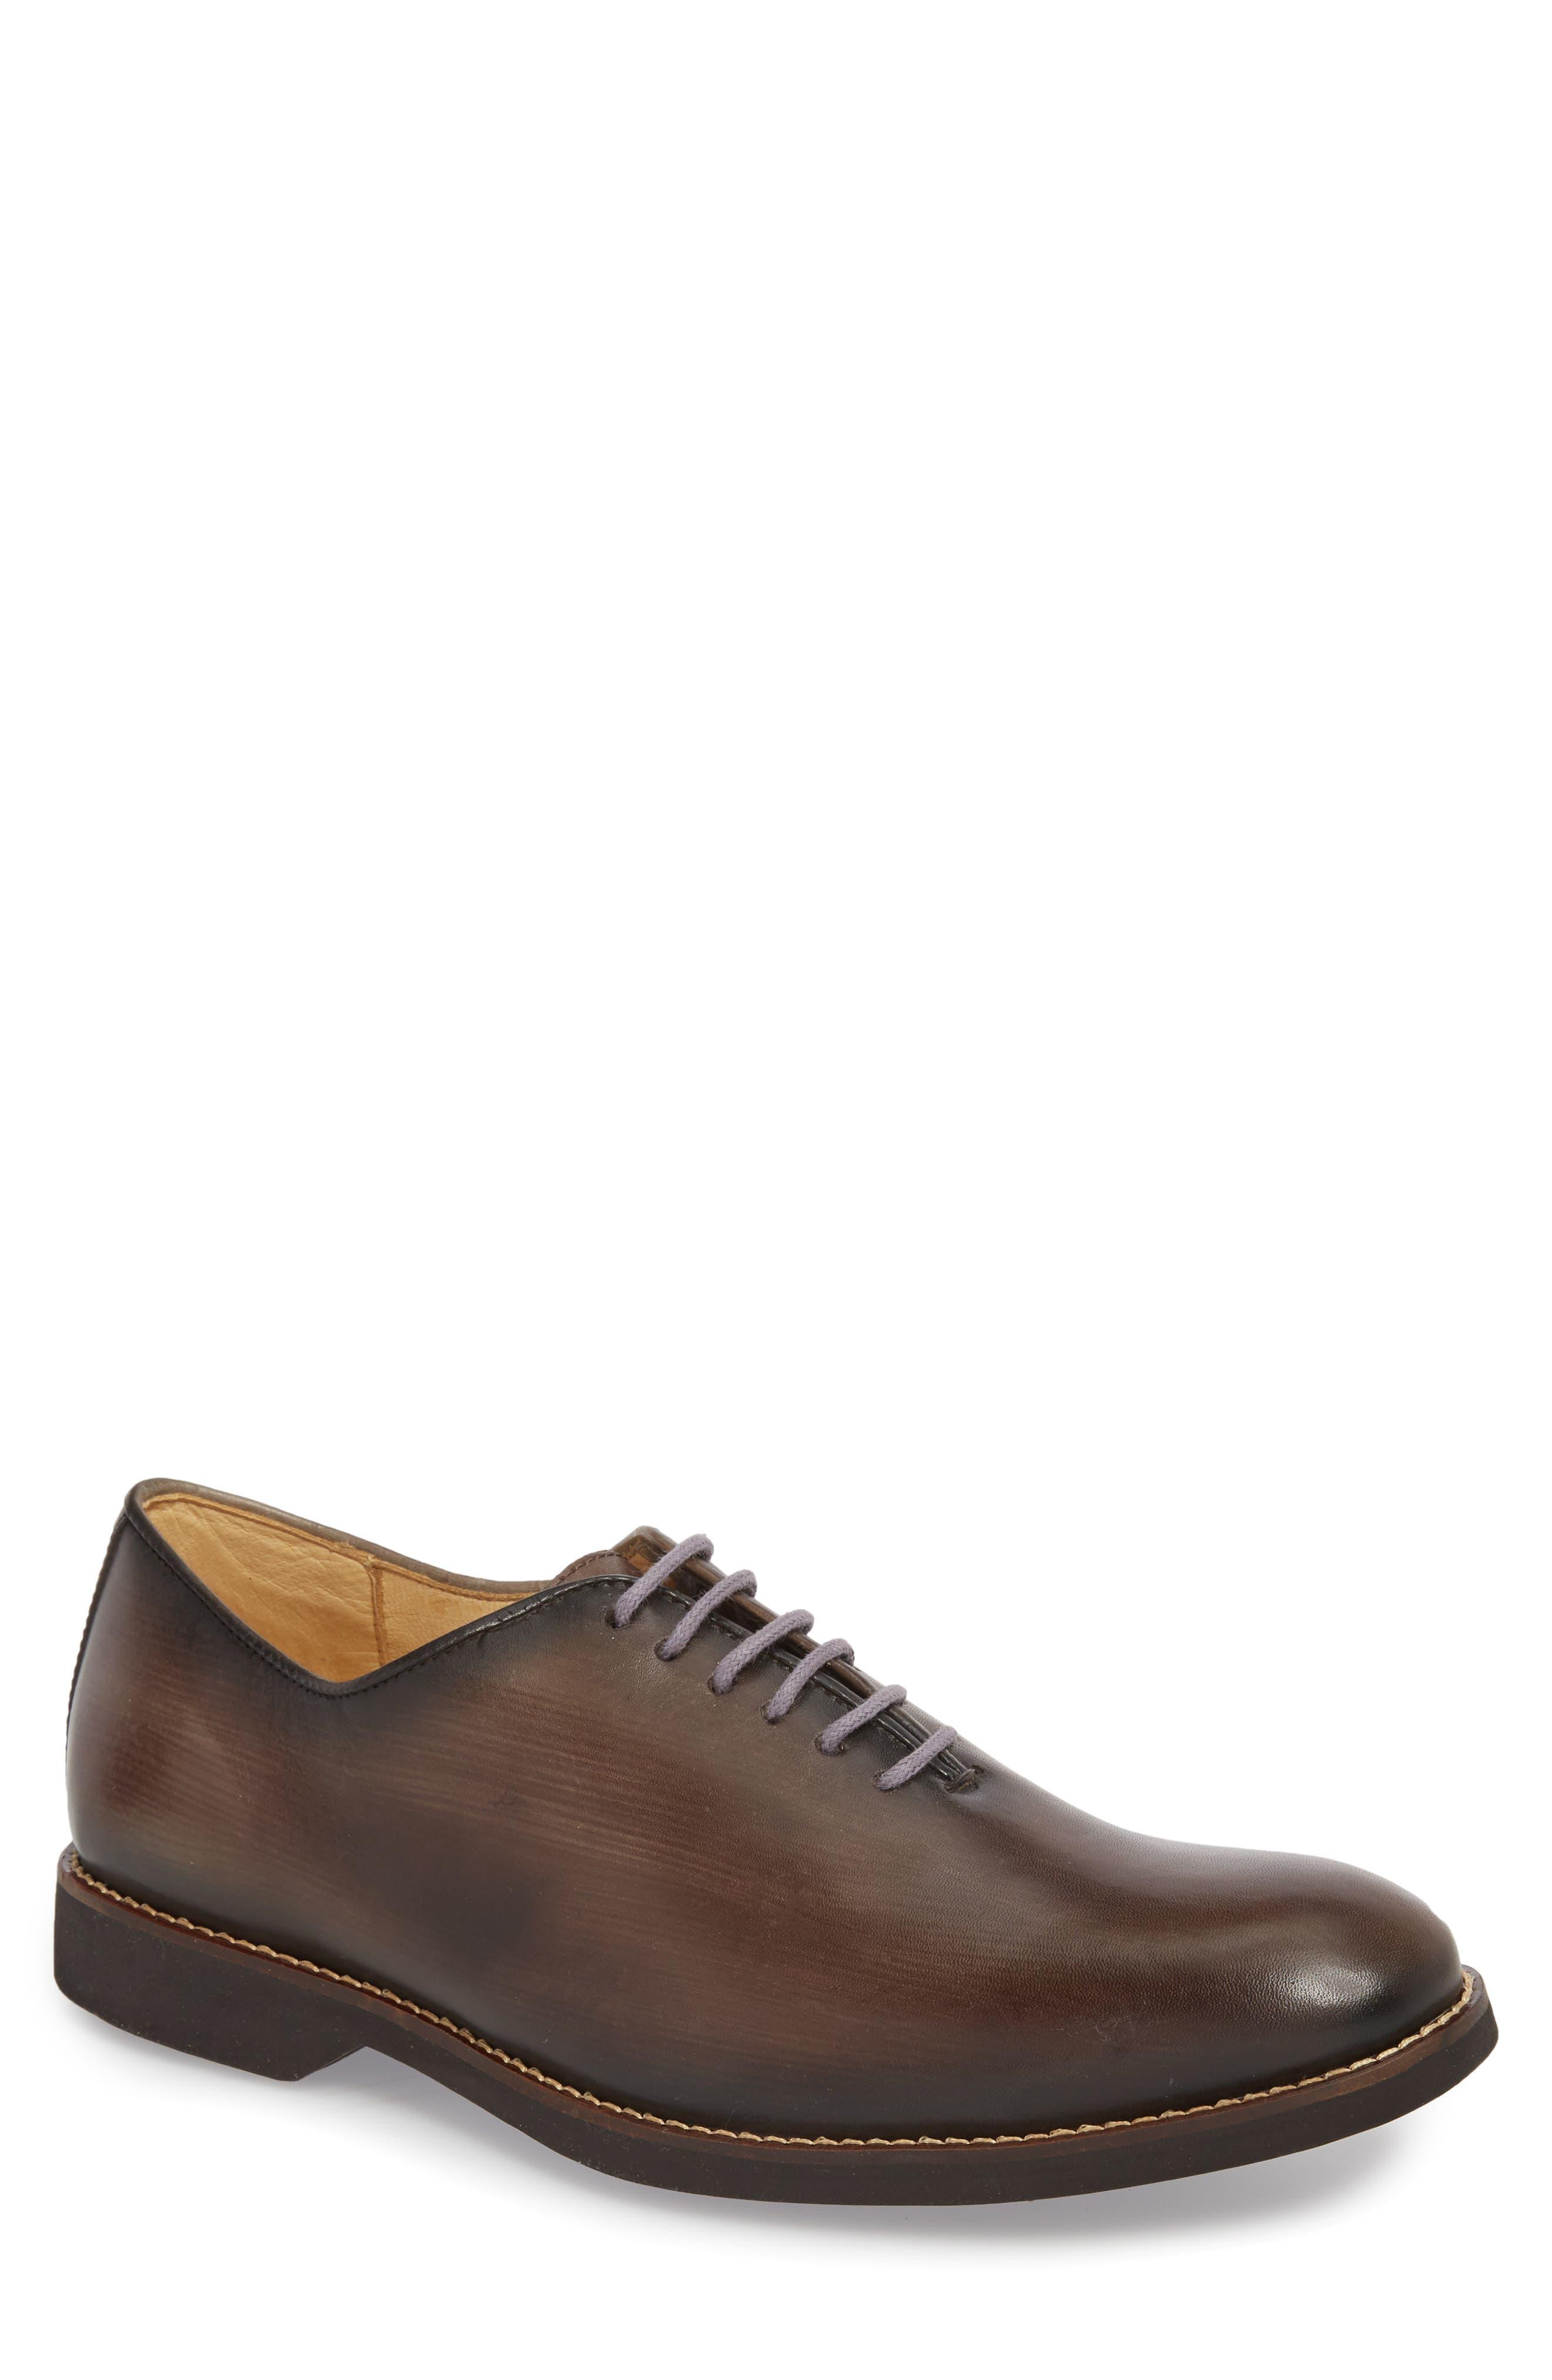 ANATOMIC & CO. Sao Paulo II Whole Cut Shoe (Men)